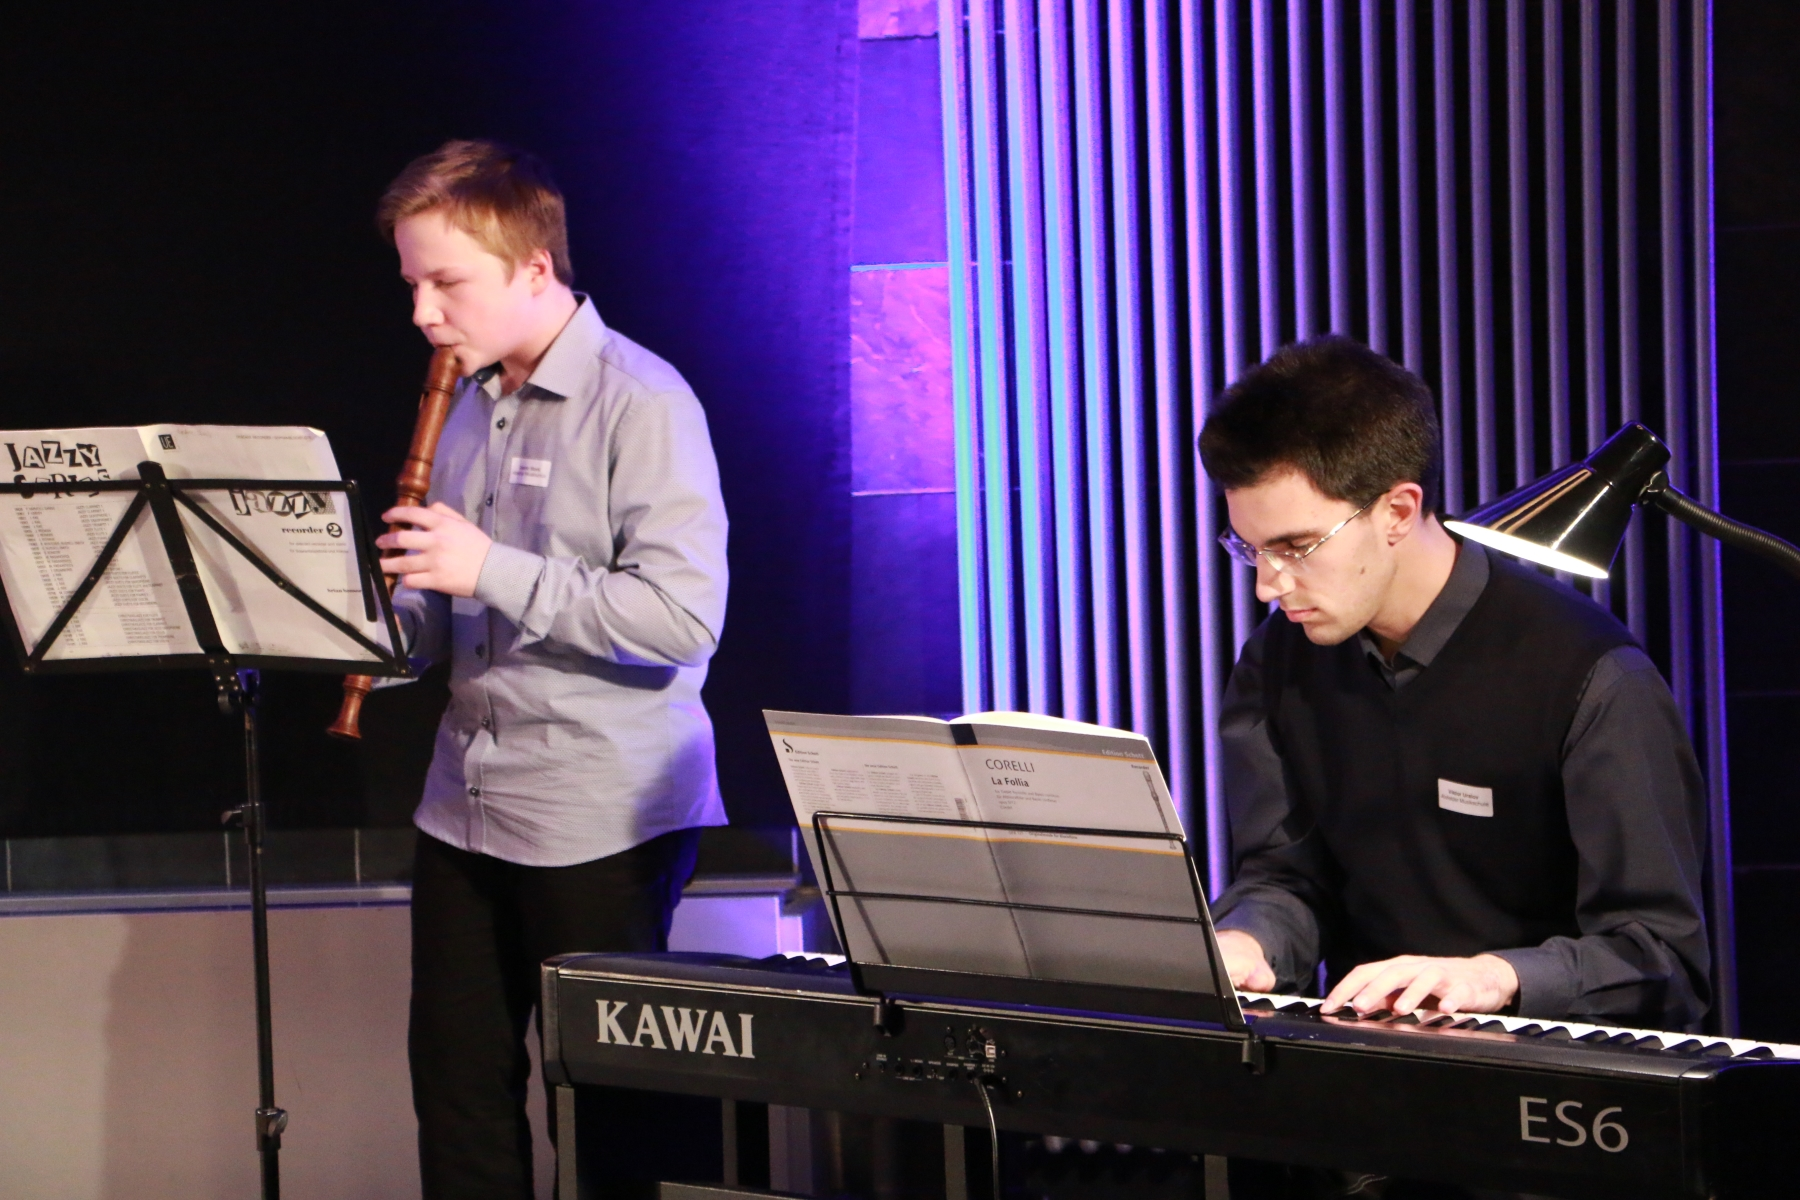 Musikalische Gestaltung des Abends durch Schüler der Musikschule Alsfeld.